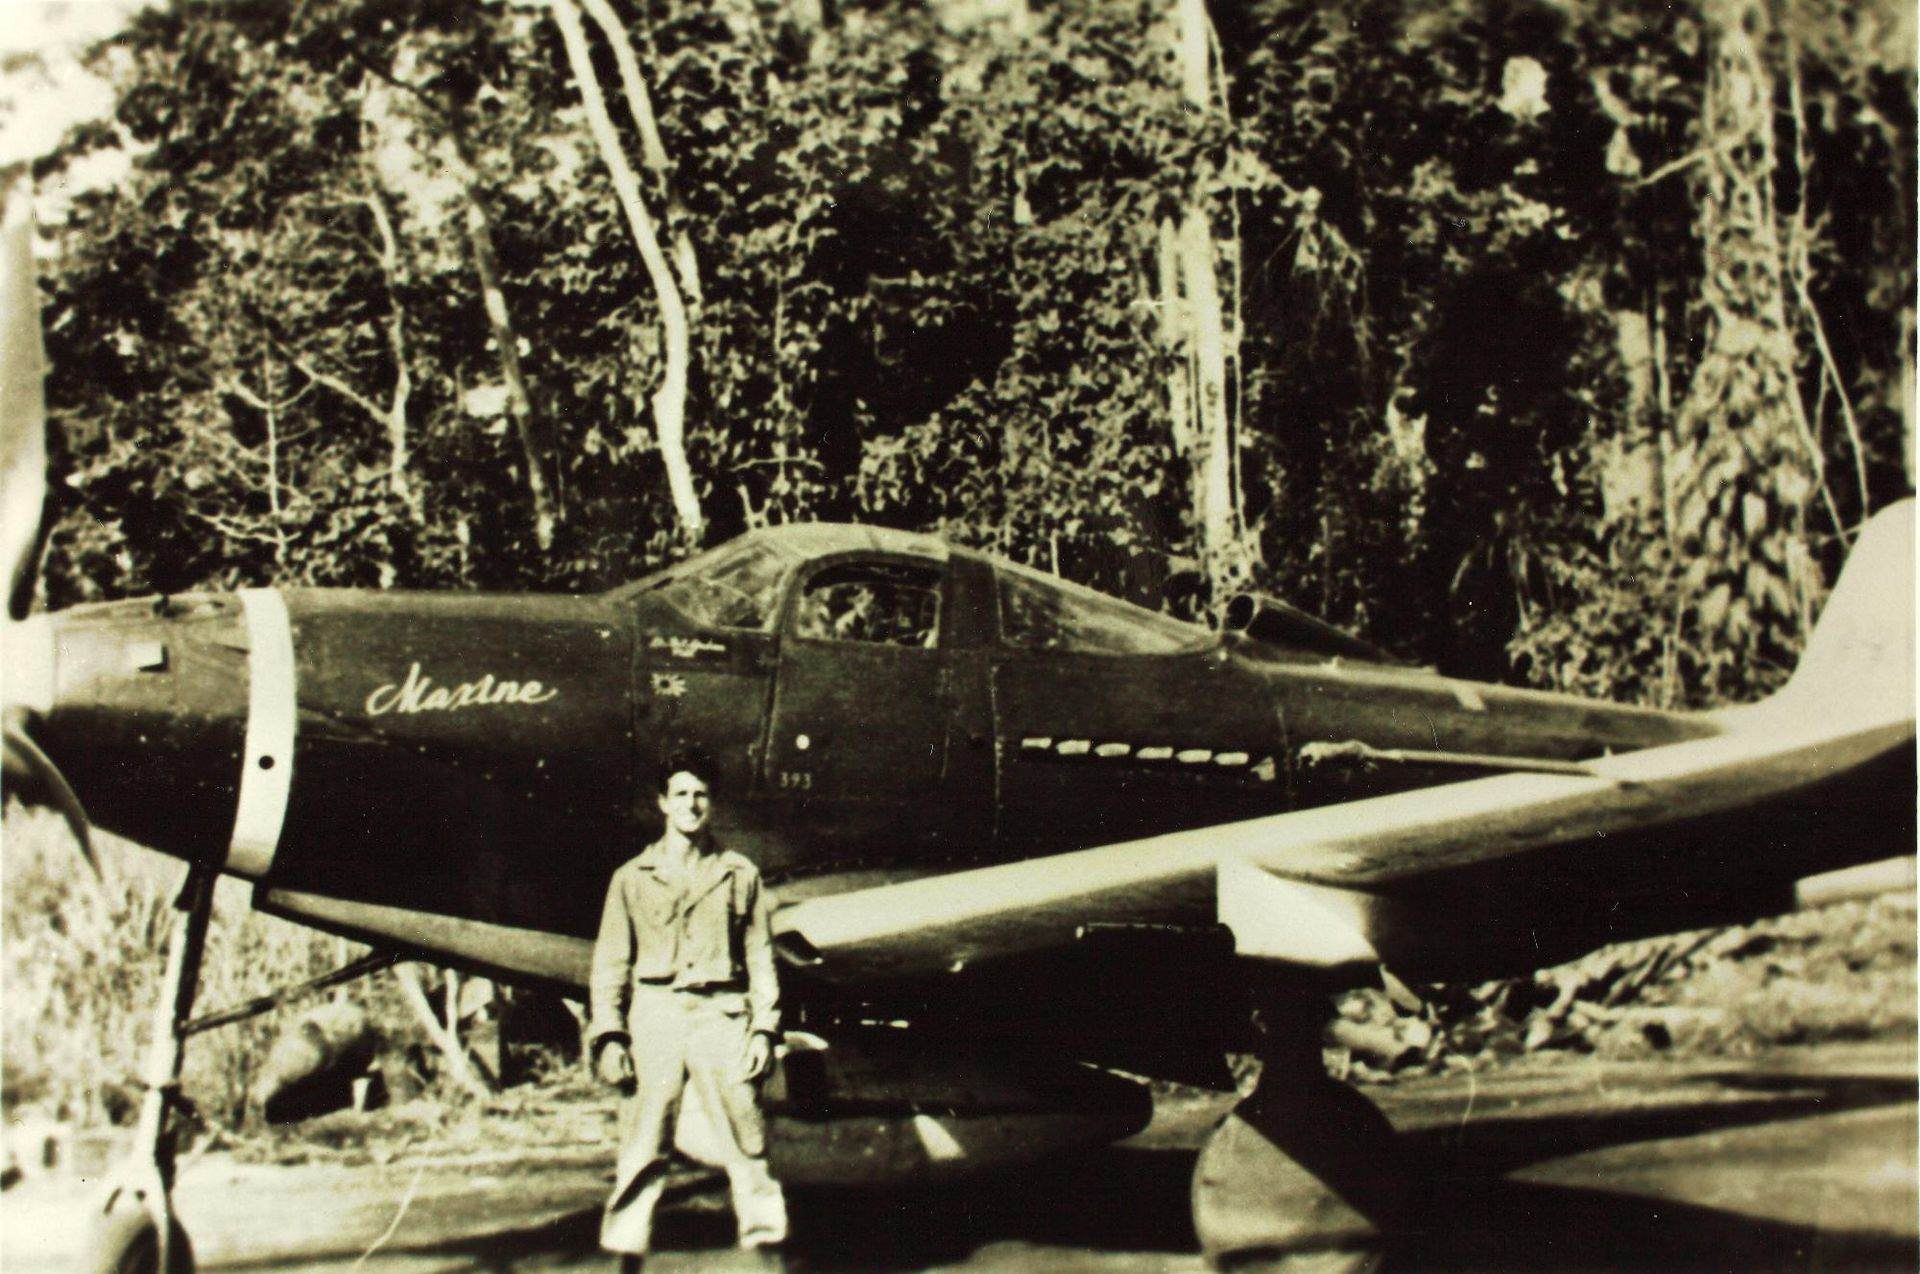 72nd Tactical Recon Group P 39 - Un appareil du 72nd Tactical Recon Group P-39. Photo prise en 1942